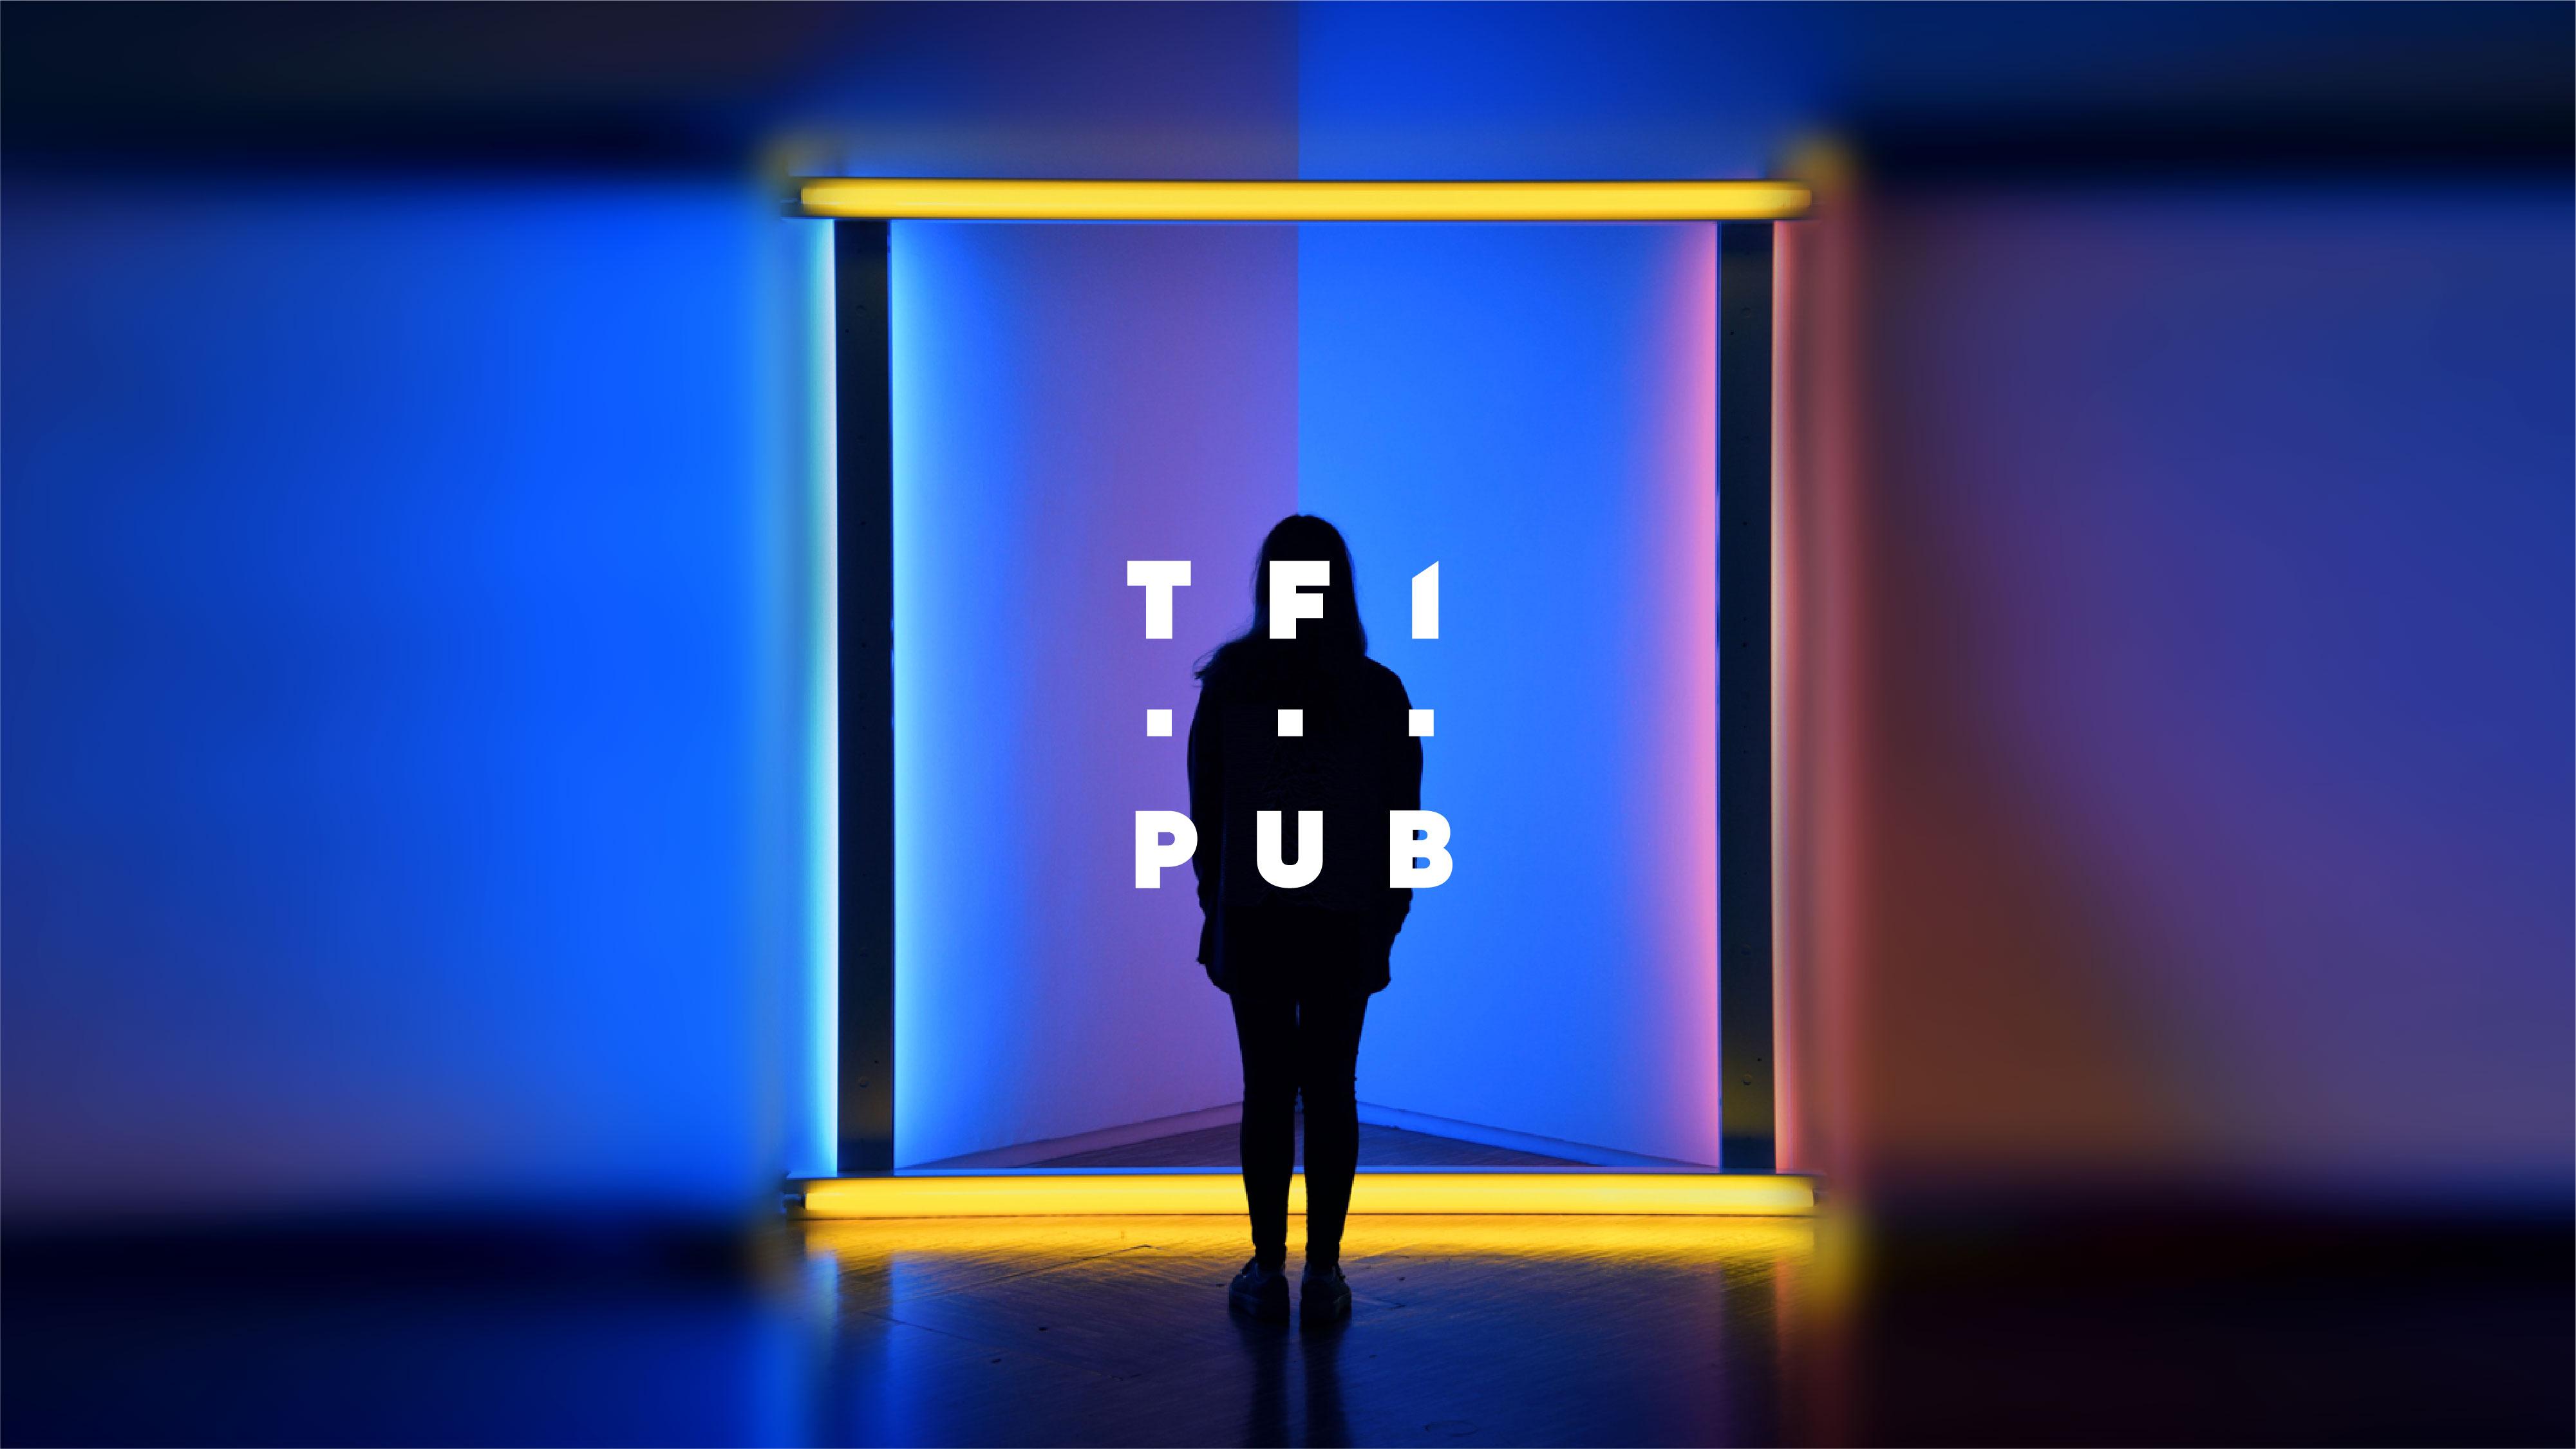 Iconographie représentative de TF1 Pub